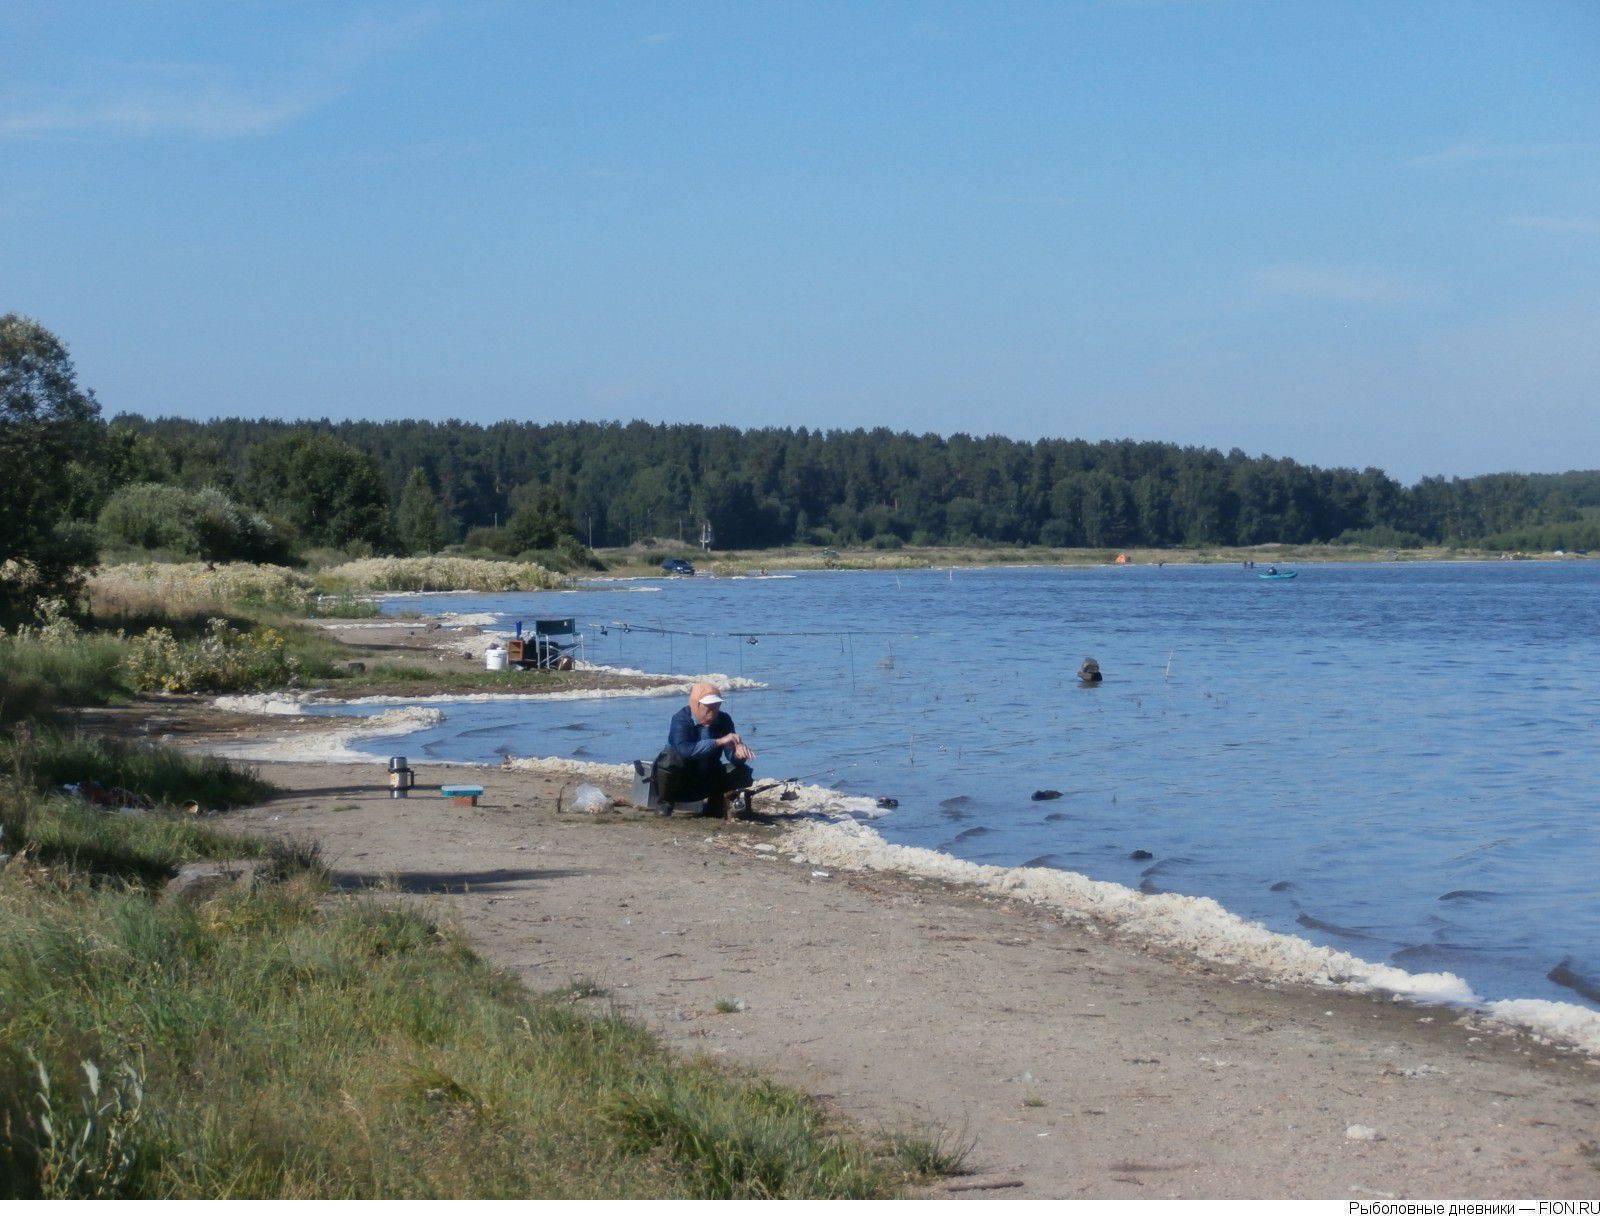 Рыбалка в свердловской области: где рыбачить и что можно поймать?